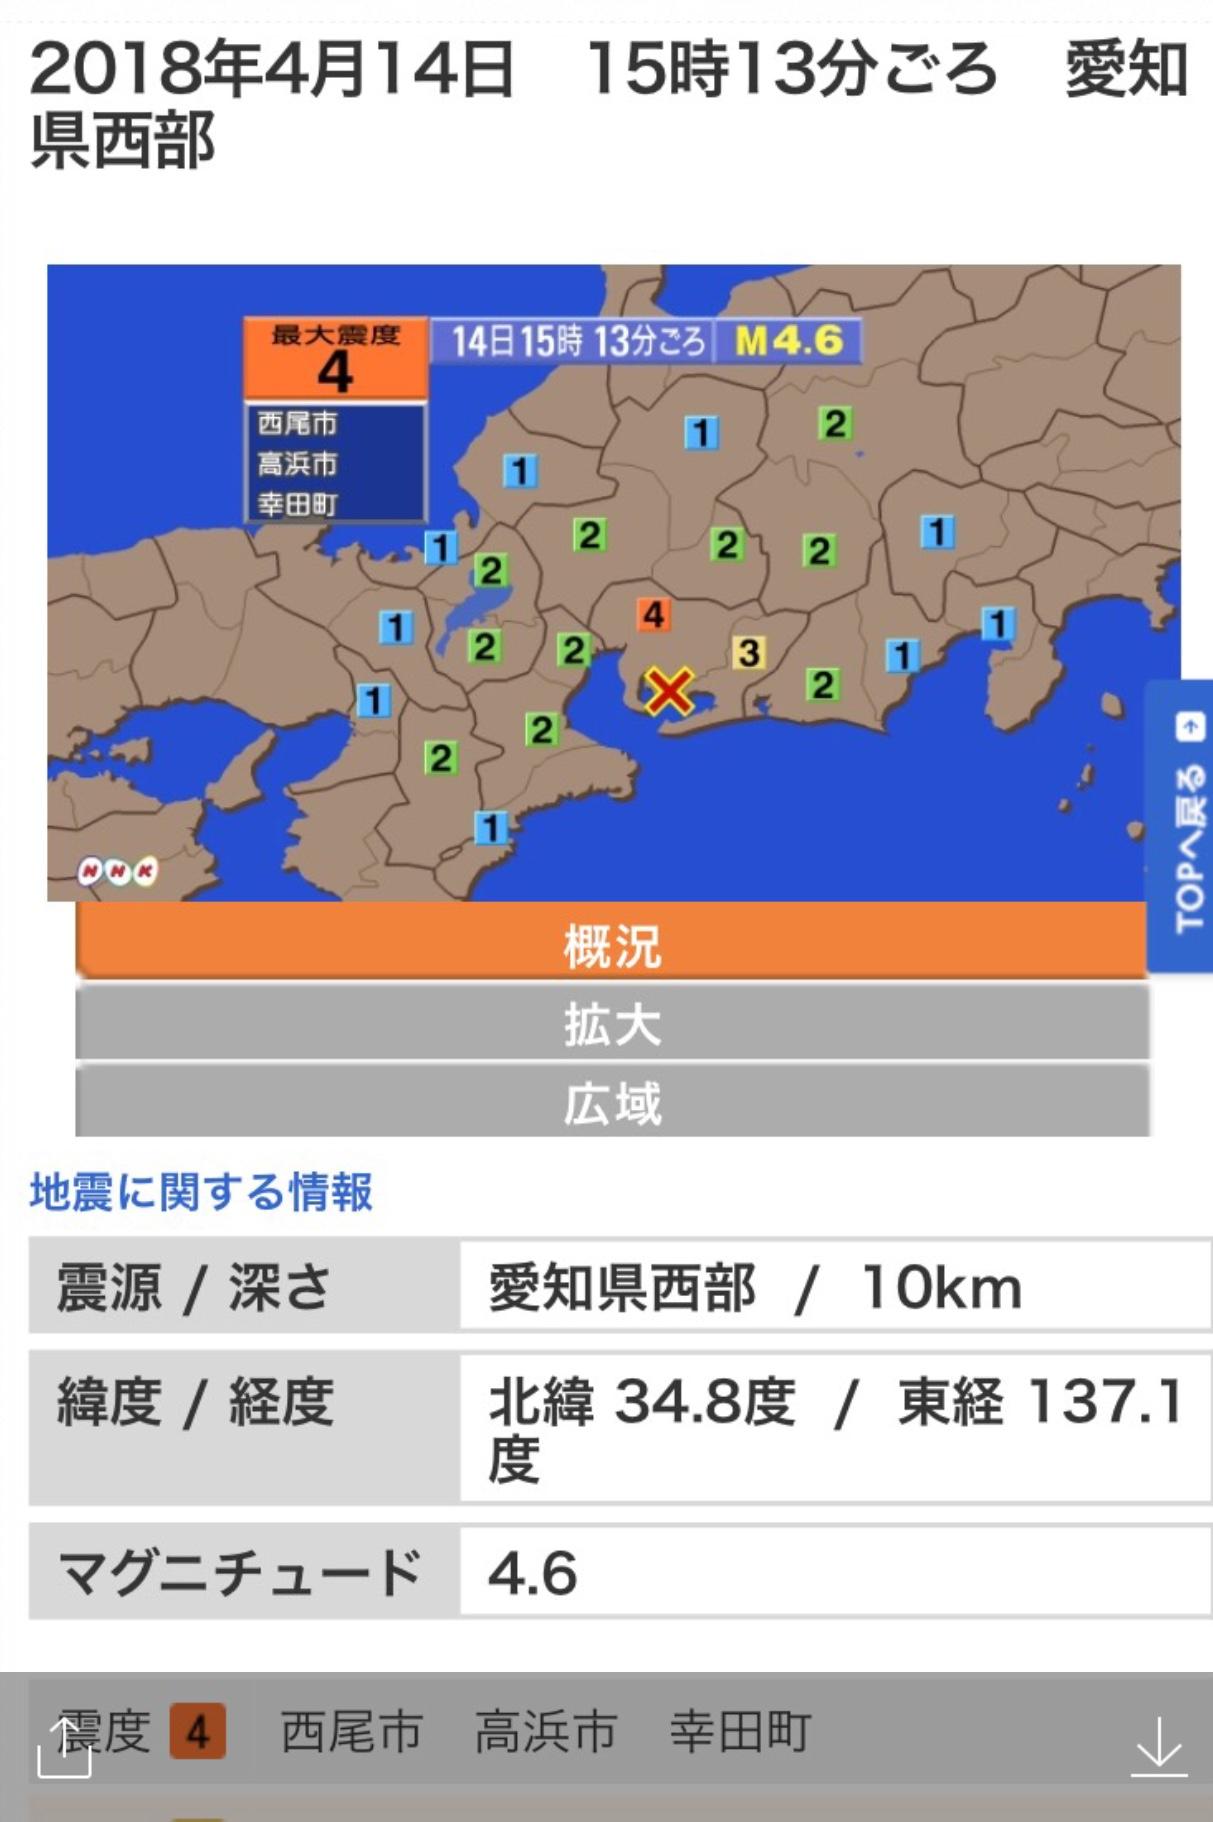 愛知 地震